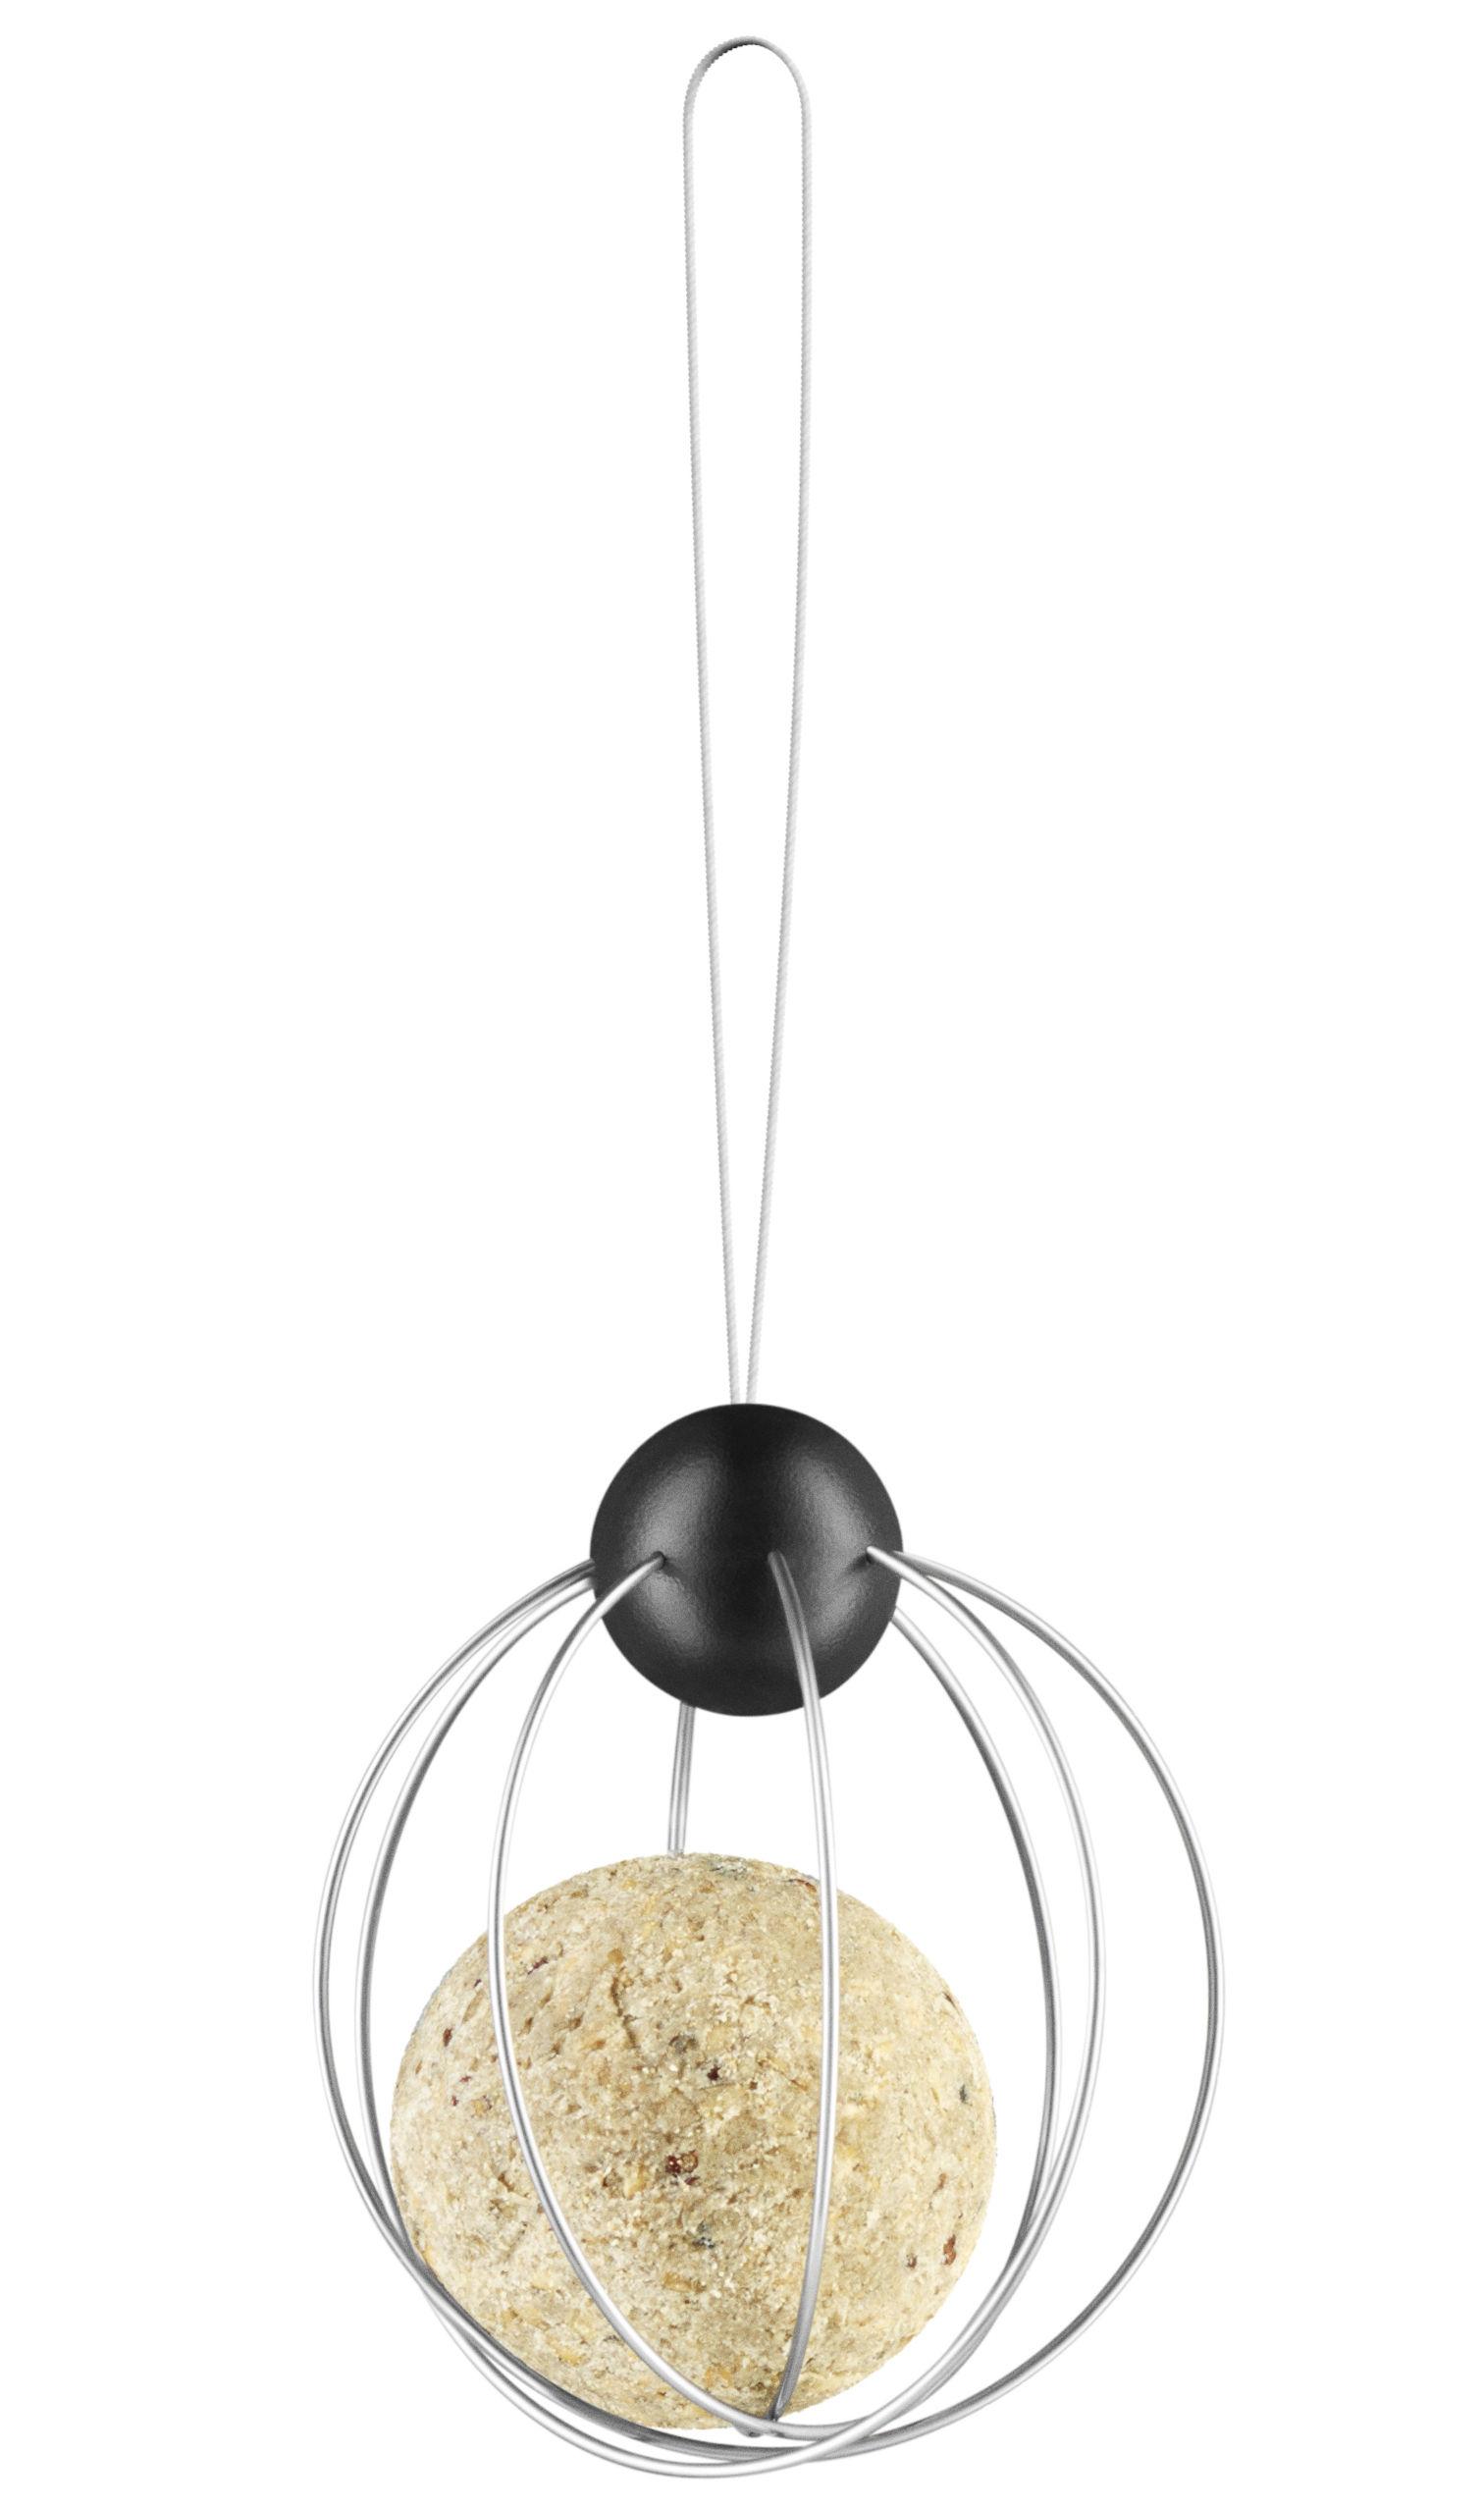 Support boule de graisse pour oiseaux lot de 2 m tal - Support boule de graisse pour oiseaux ...